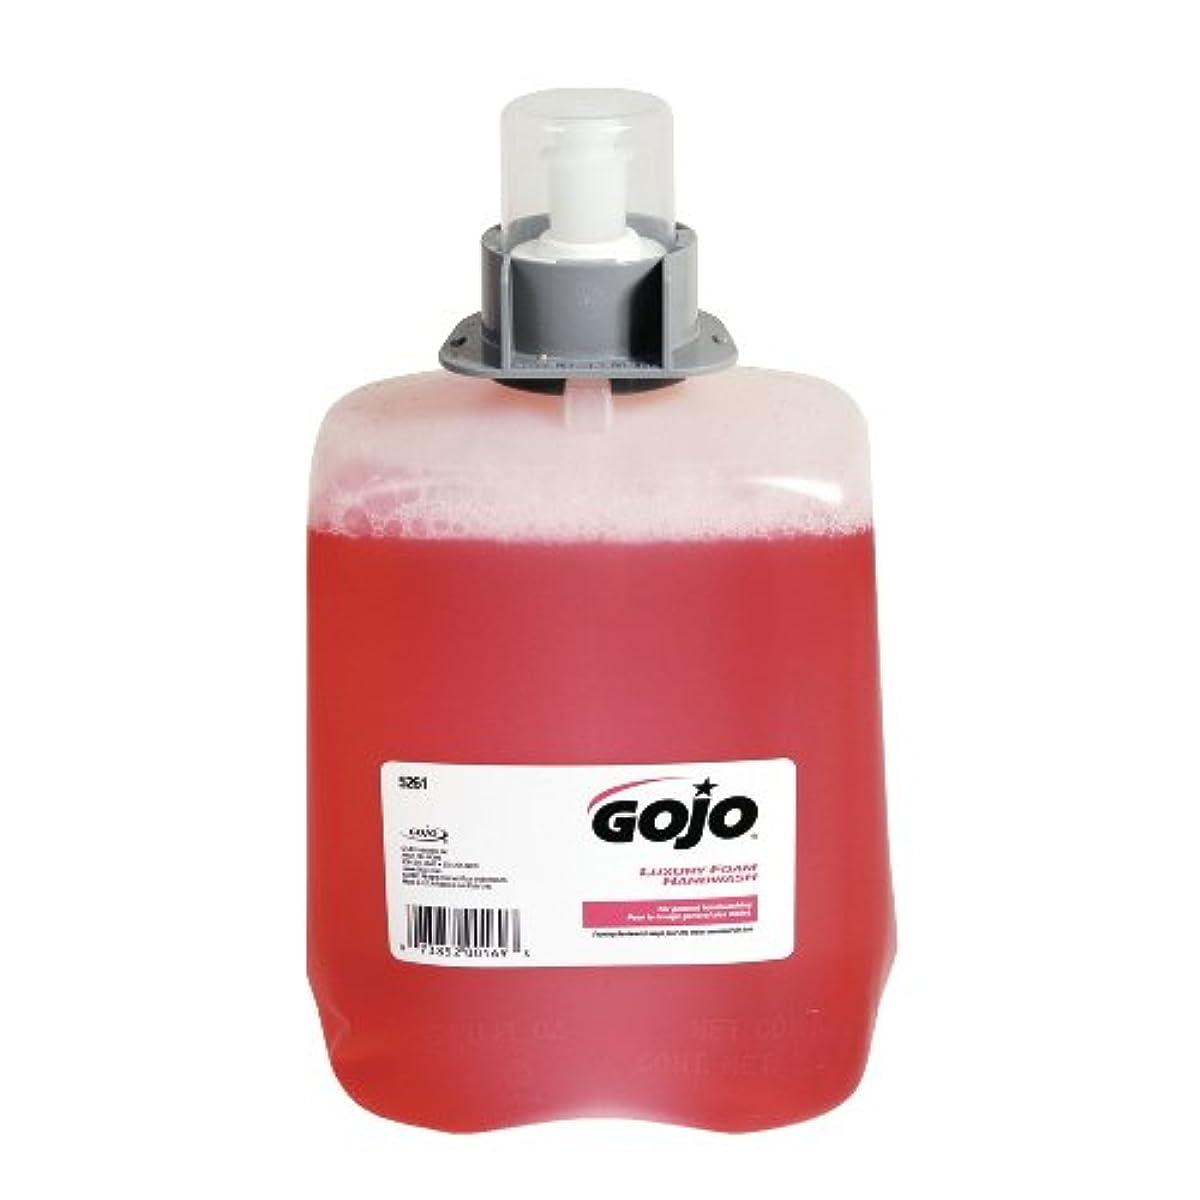 論理日没隠されたGOJ526102 - Gojo Luxury Foam Hand Wash Refill for FMX-20 Dispenser by Gojo